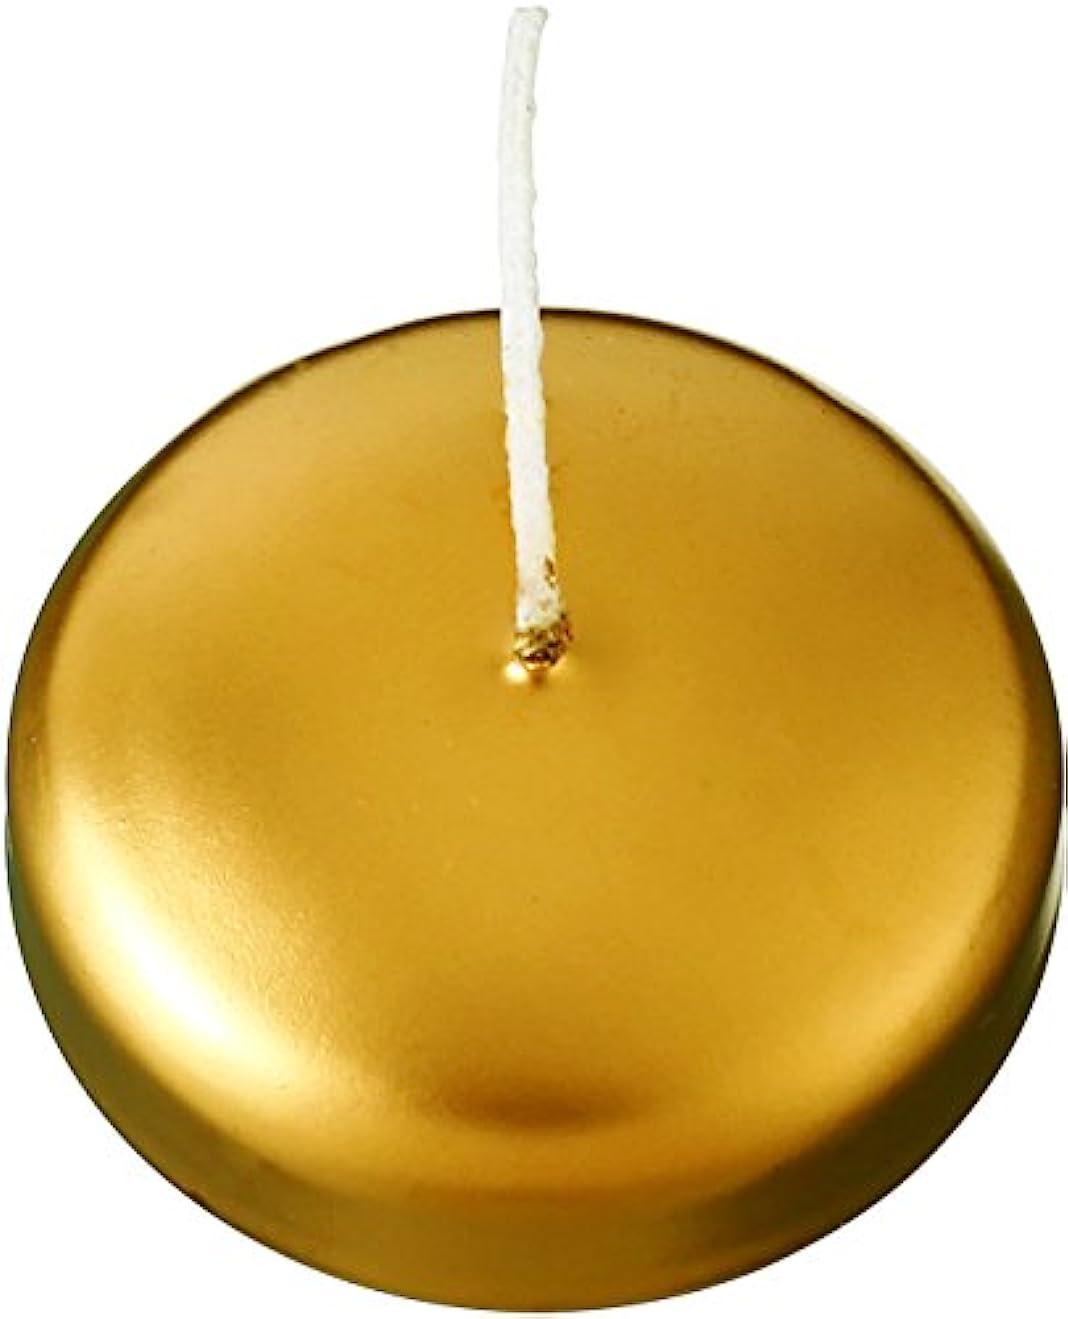 独立約指定カメヤマキャンドルハウス フローティングキャンドル50 ゴールド 12個セット